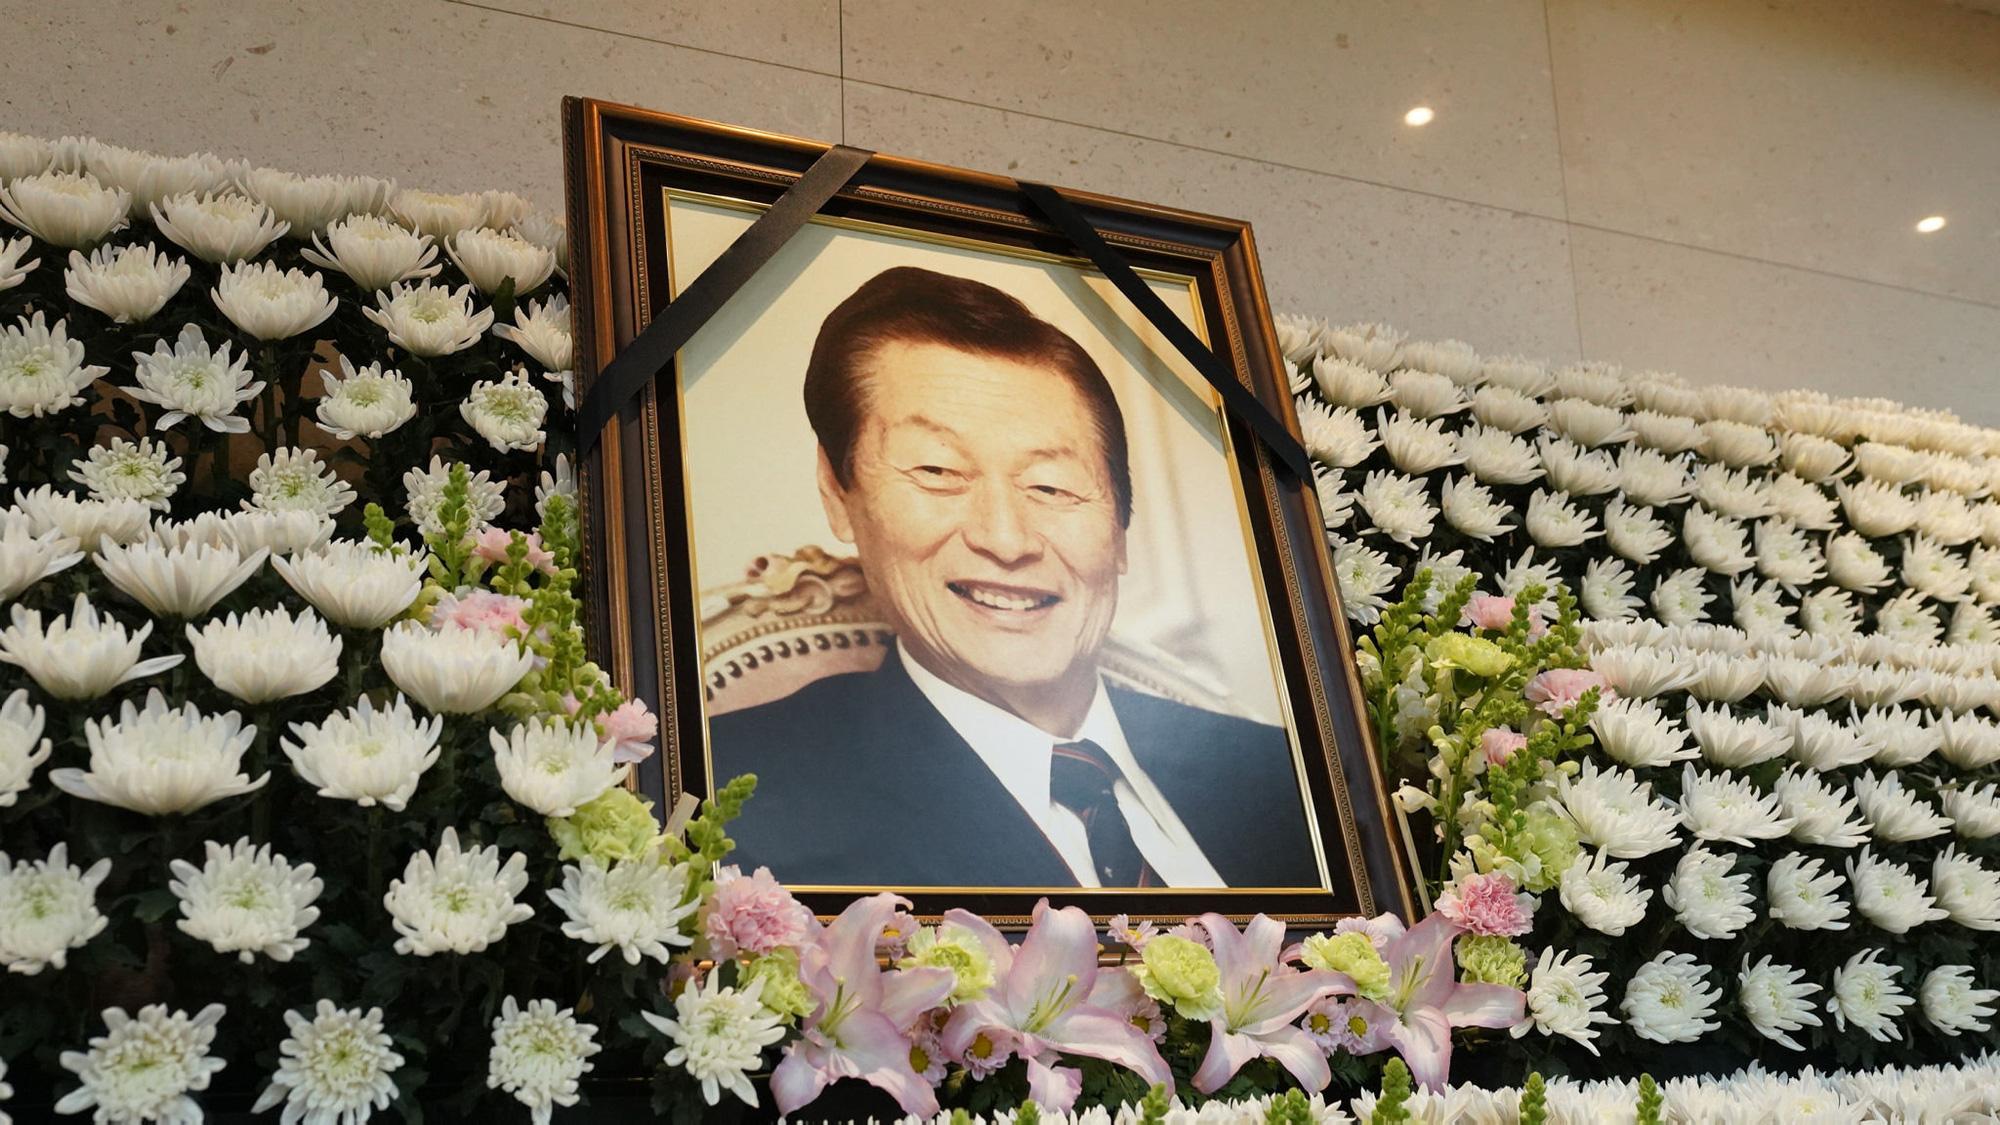 Nhà sáng lập Lotte: Từ chàng trai nghèo mê văn chương đến ông hoàng tập đoàn hàng đầu Hàn Quốc - Ảnh 1.